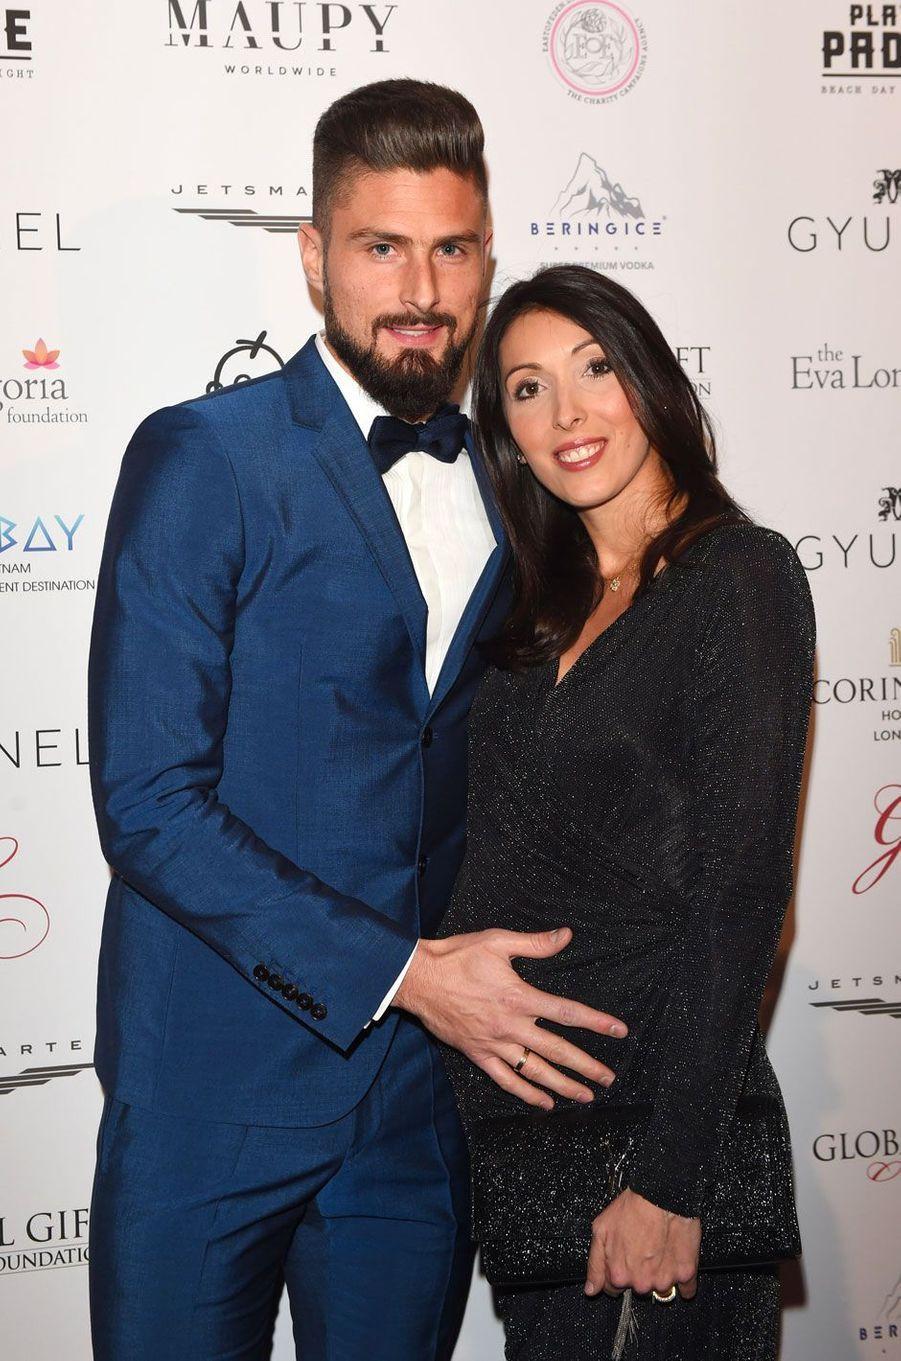 Olivier et Jennifer Giroud (enceinte) à la soirée Global Gift à Londres le 18 novembre 2017